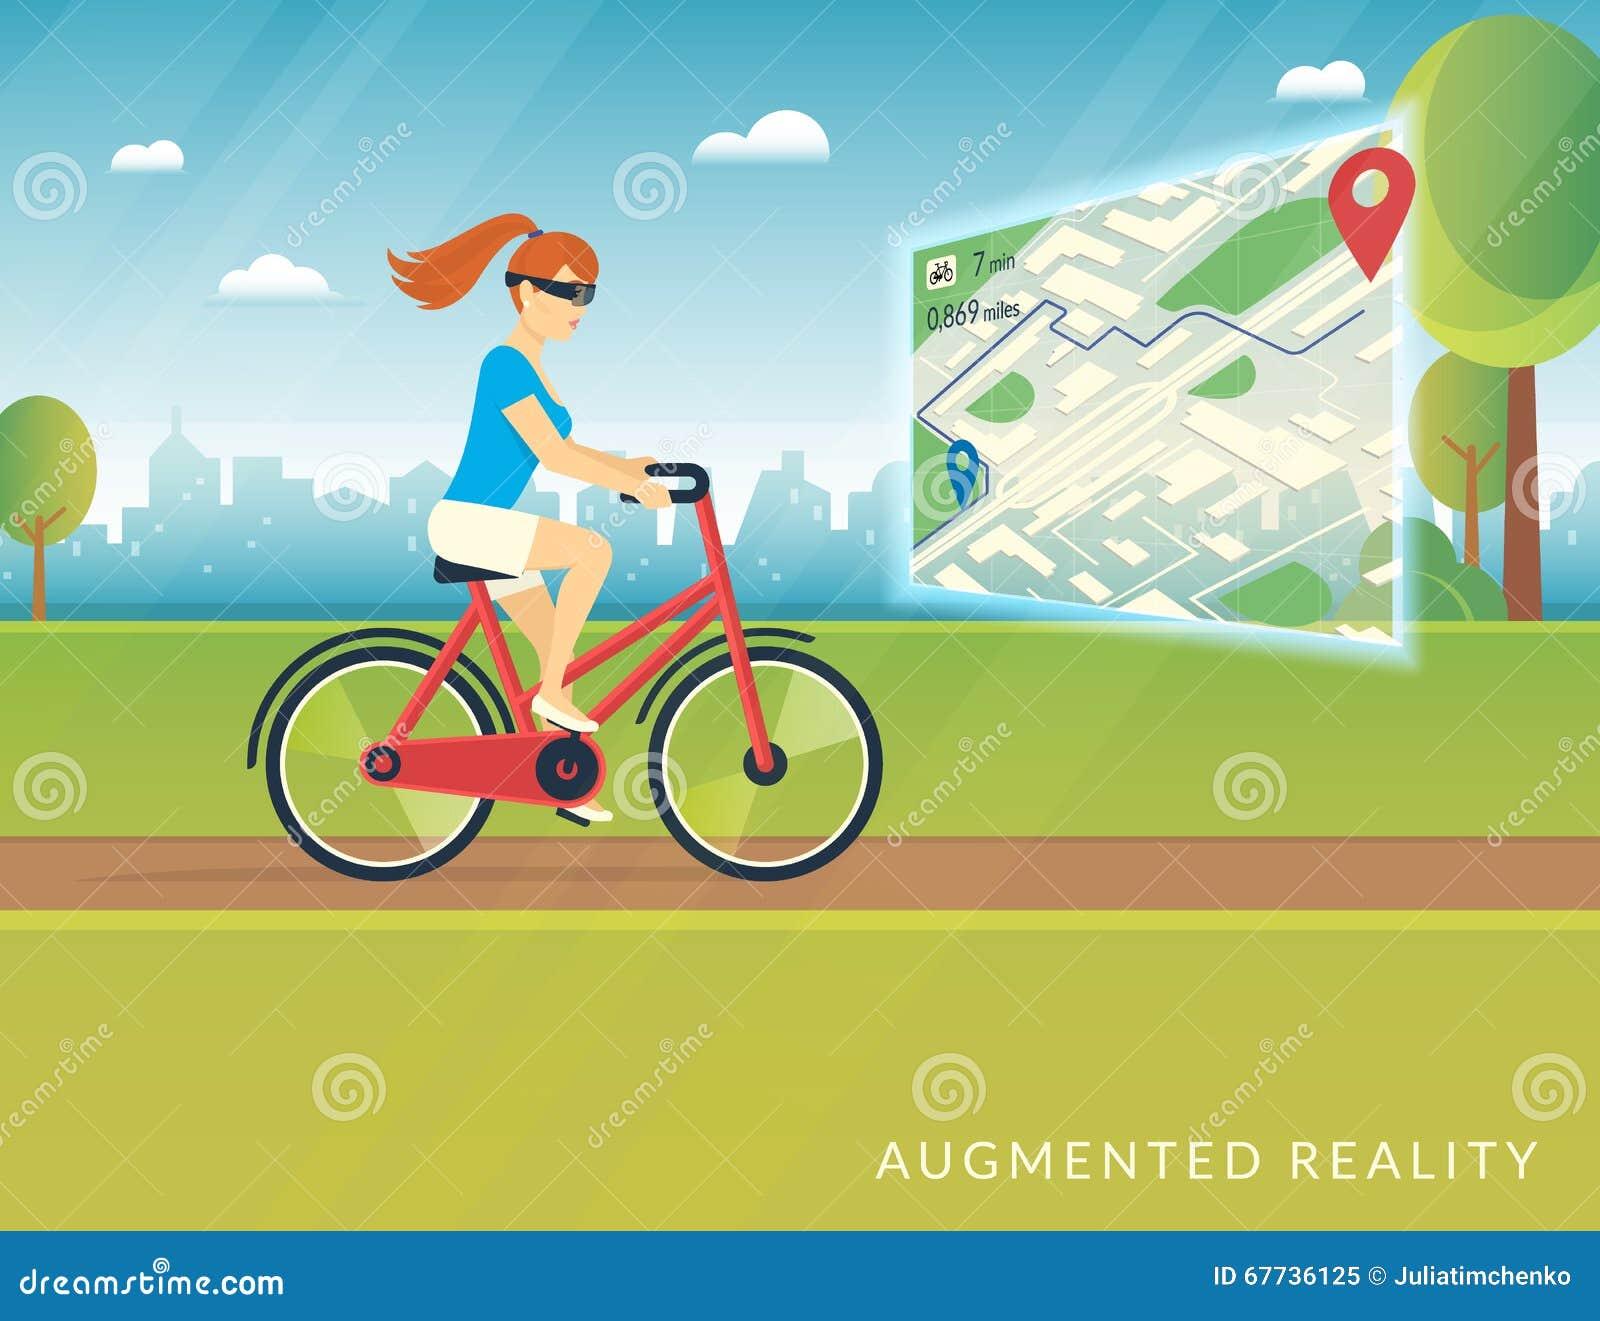 Młoda kobieta jedzie rower i widzii rowerową ścieżkę na wisząca ozdoba zwiększającej rzeczywistości mapie